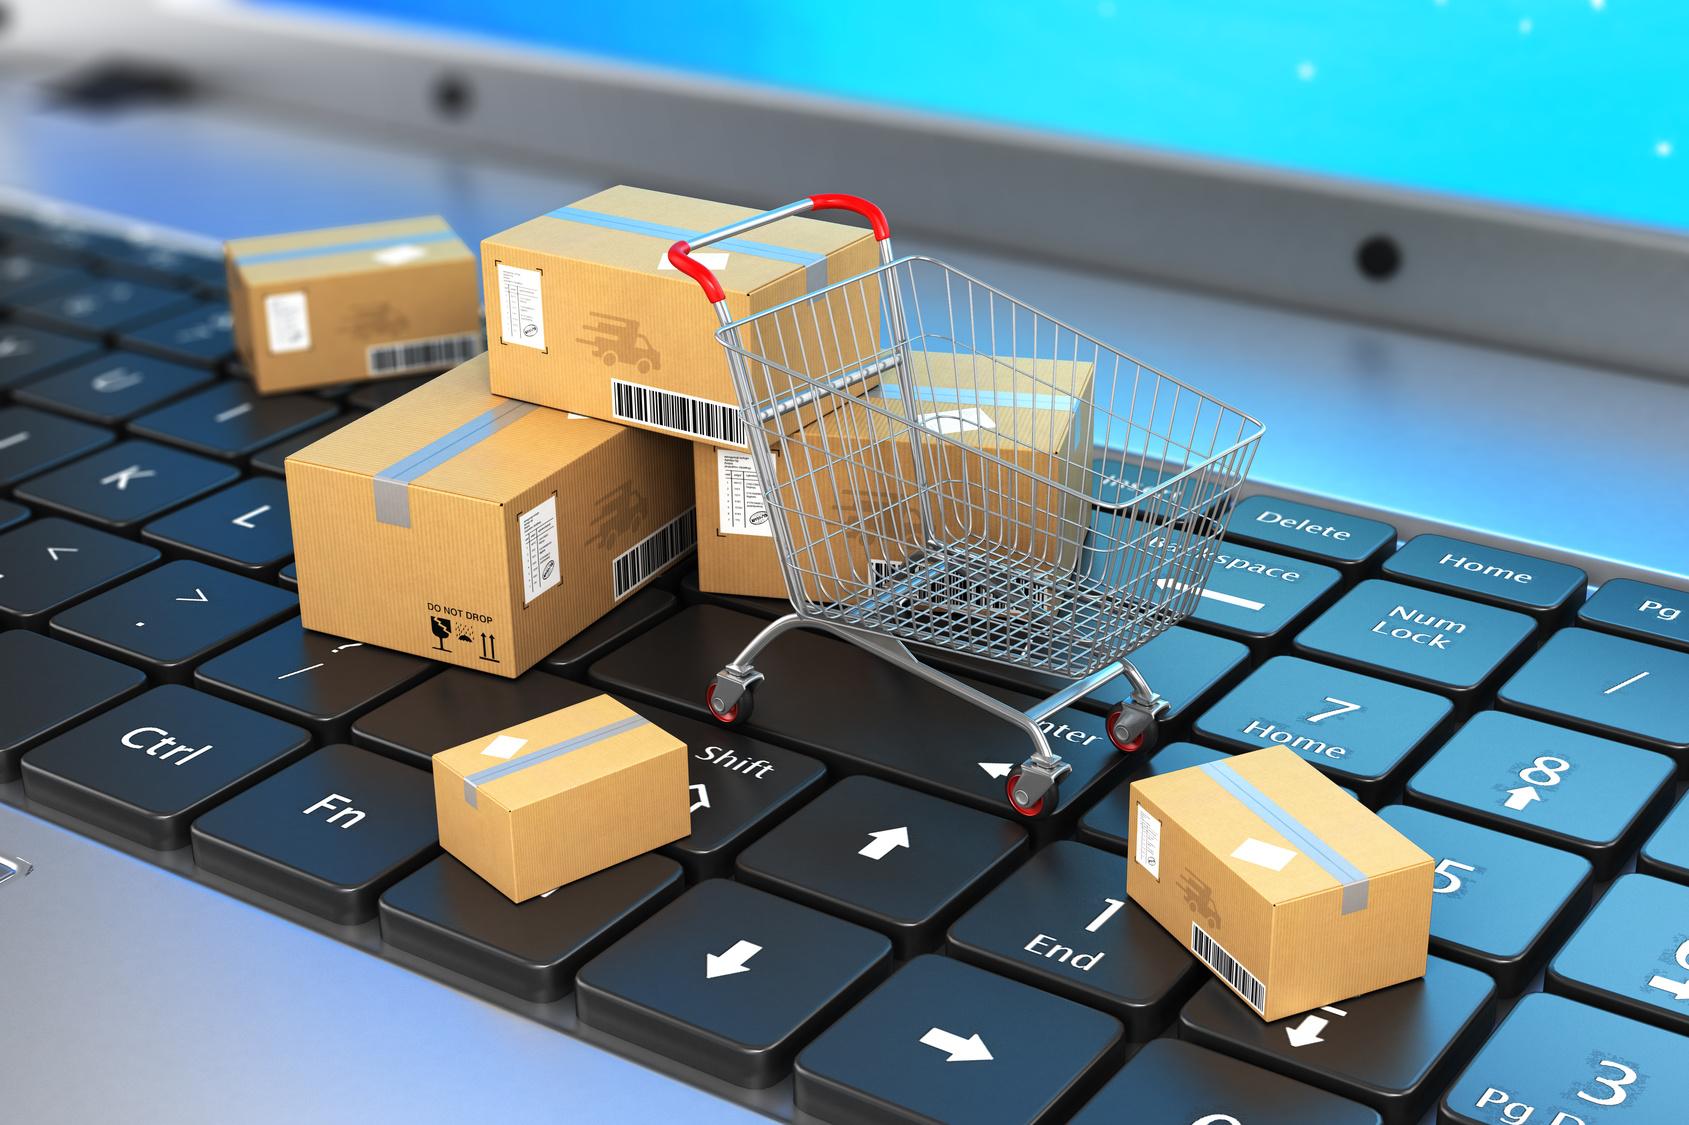 مشروع تجارة الكترونية